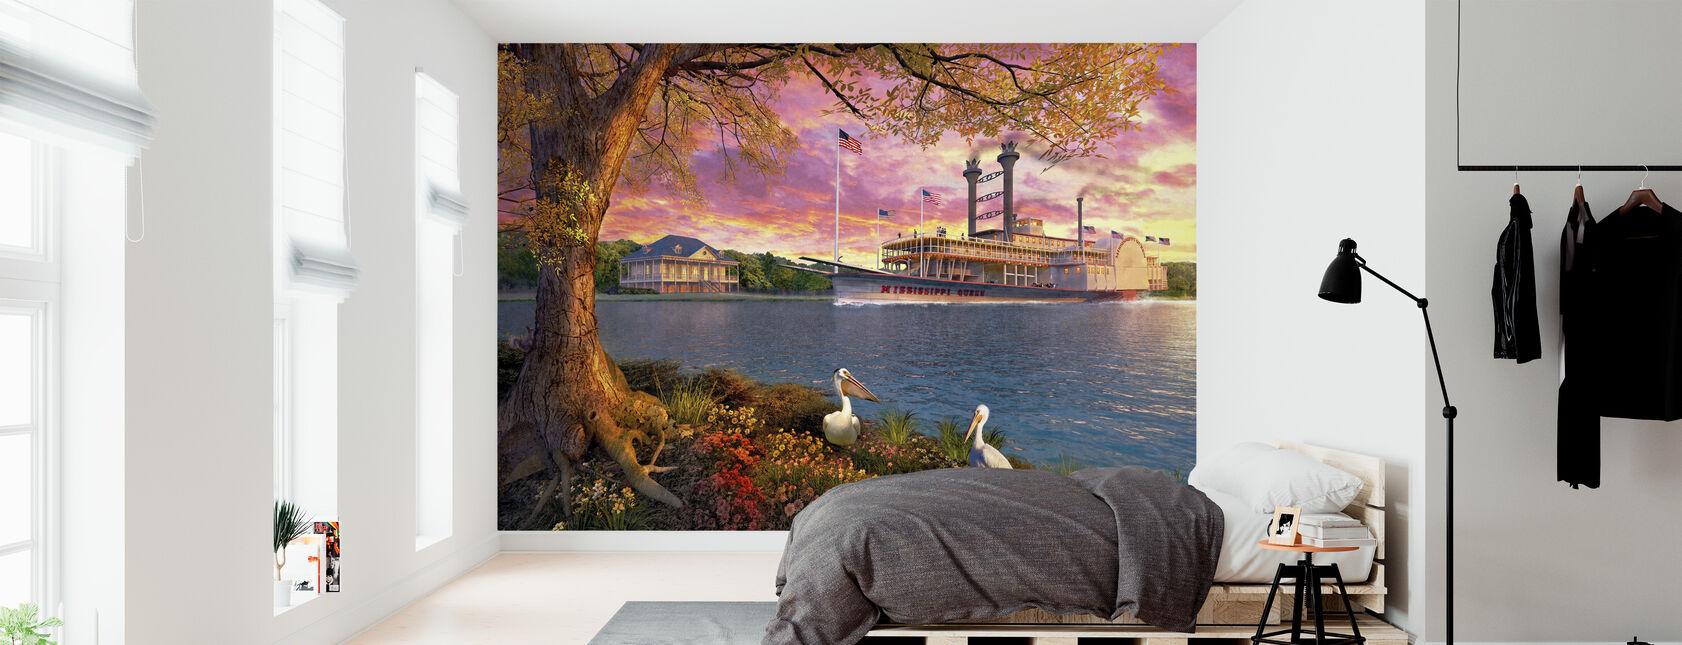 Mississippi Queen - Wallpaper - Bedroom